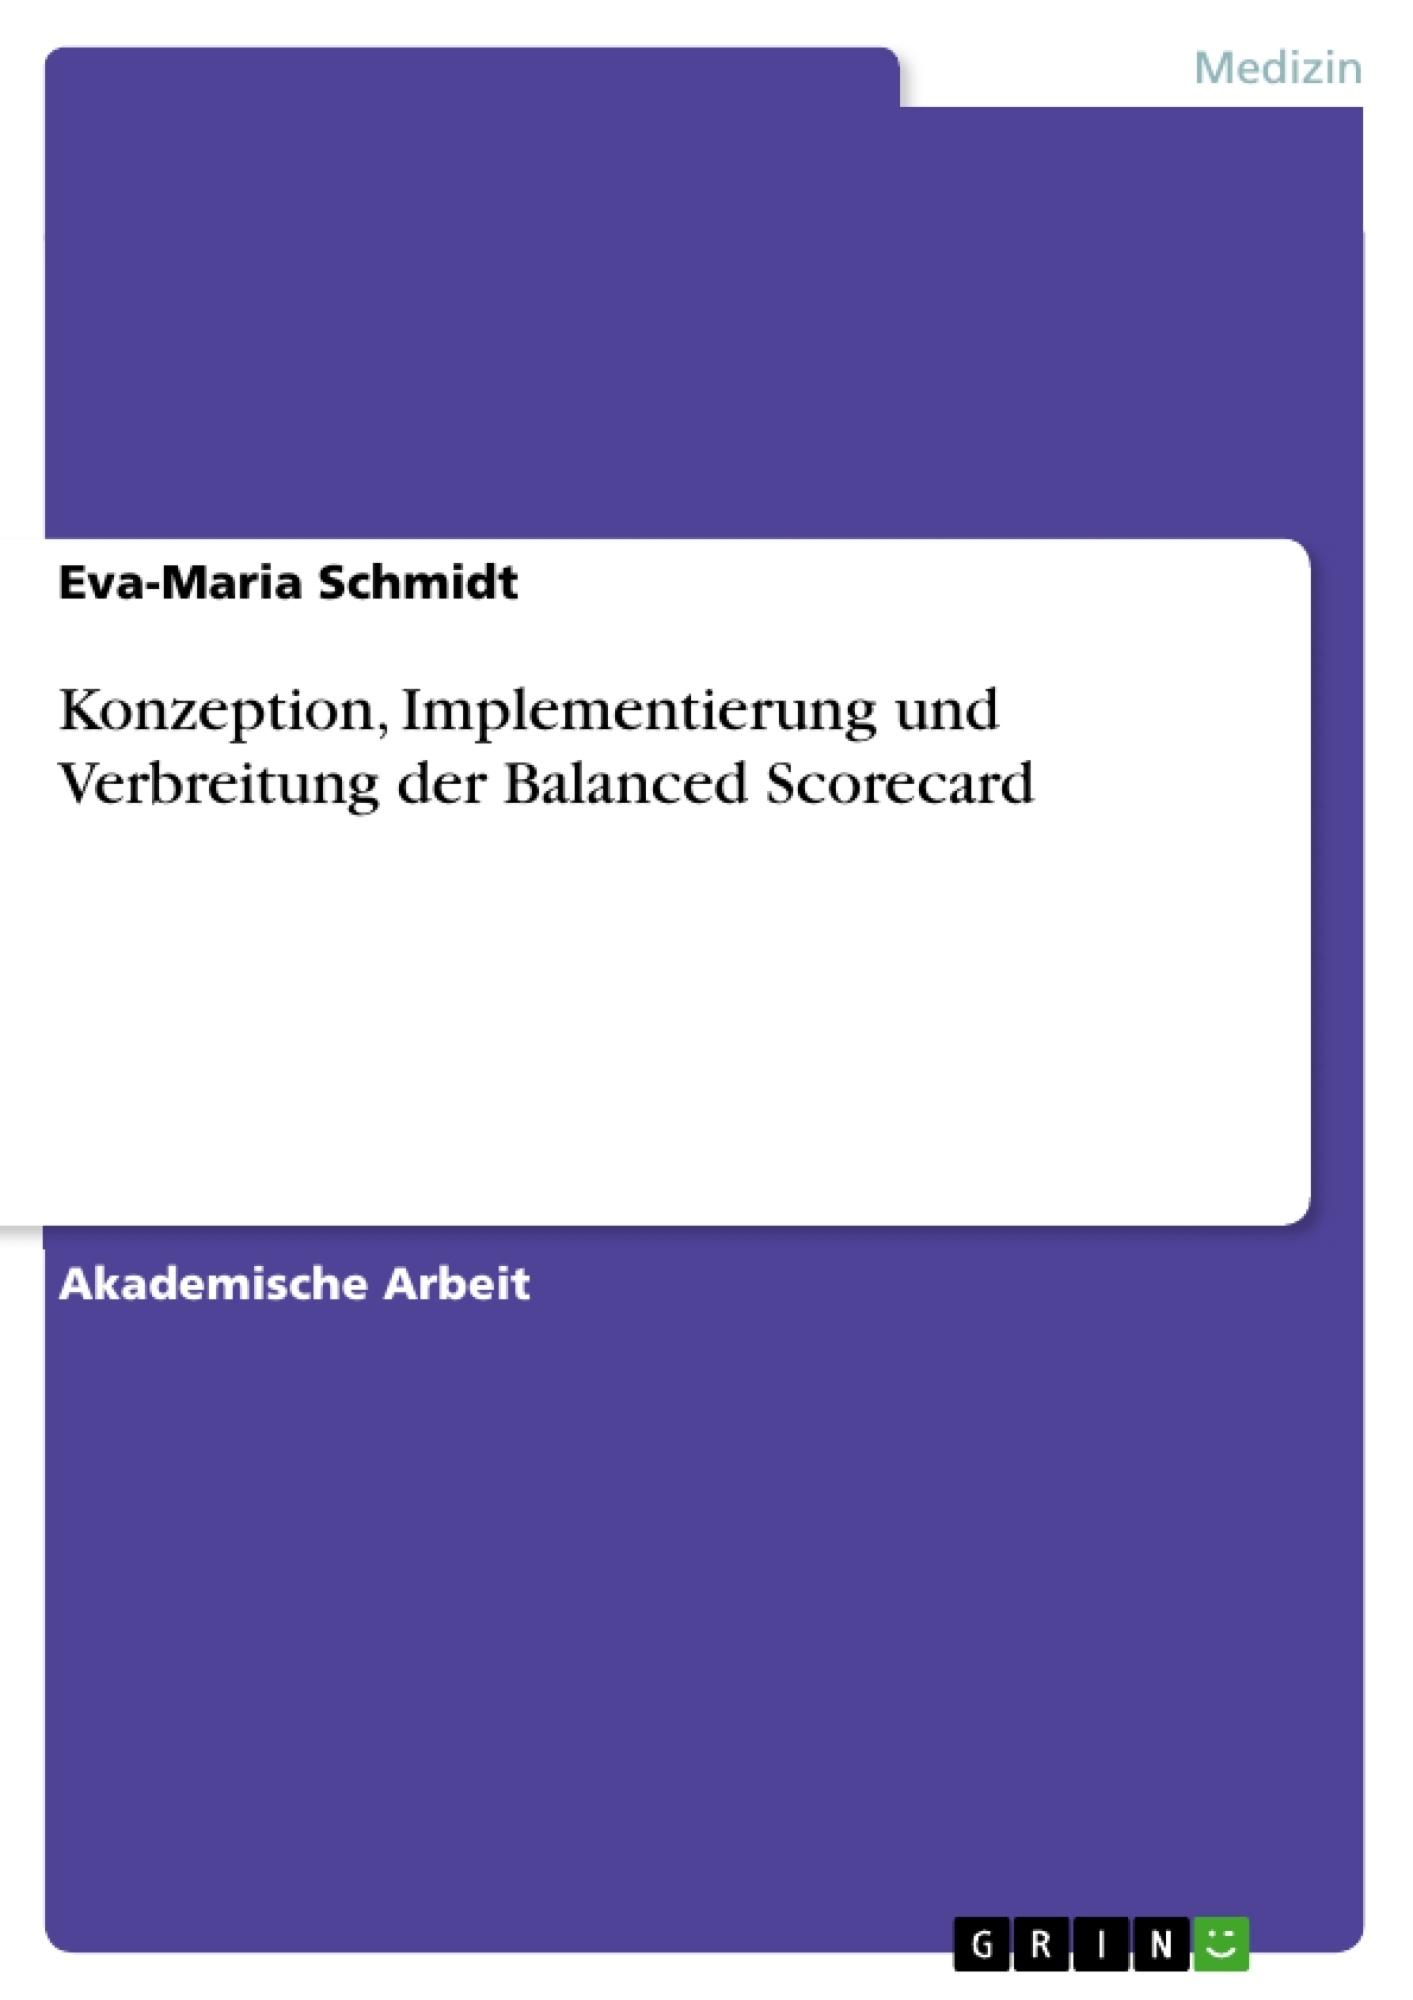 Titel: Konzeption, Implementierung und Verbreitung der Balanced Scorecard